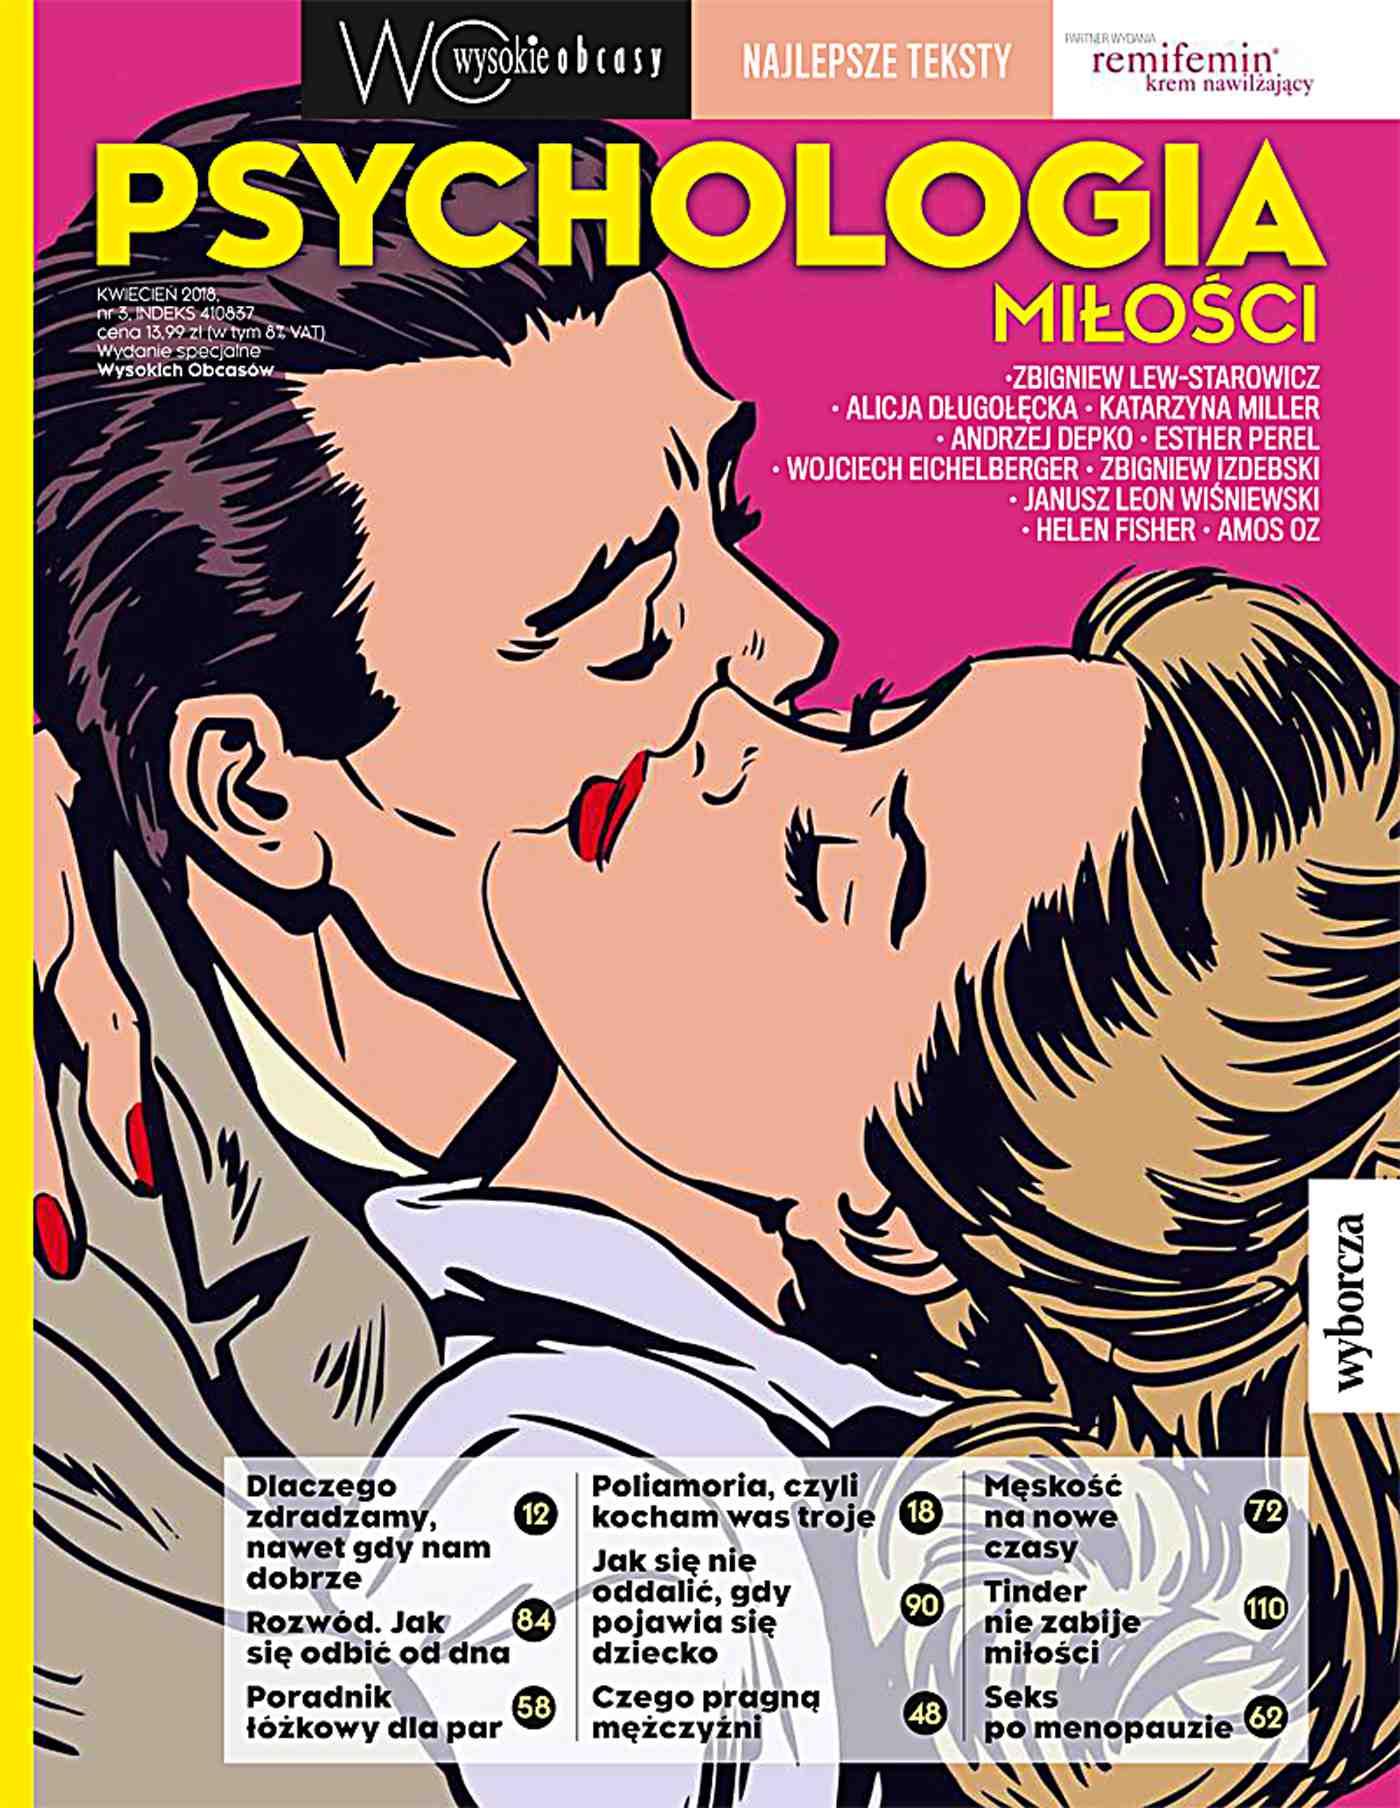 Psychologia miłości. Wysokie Obcasy. Wydanie Specjalne 3/2018 - Ebook (Książka na Kindle) do pobrania w formacie MOBI